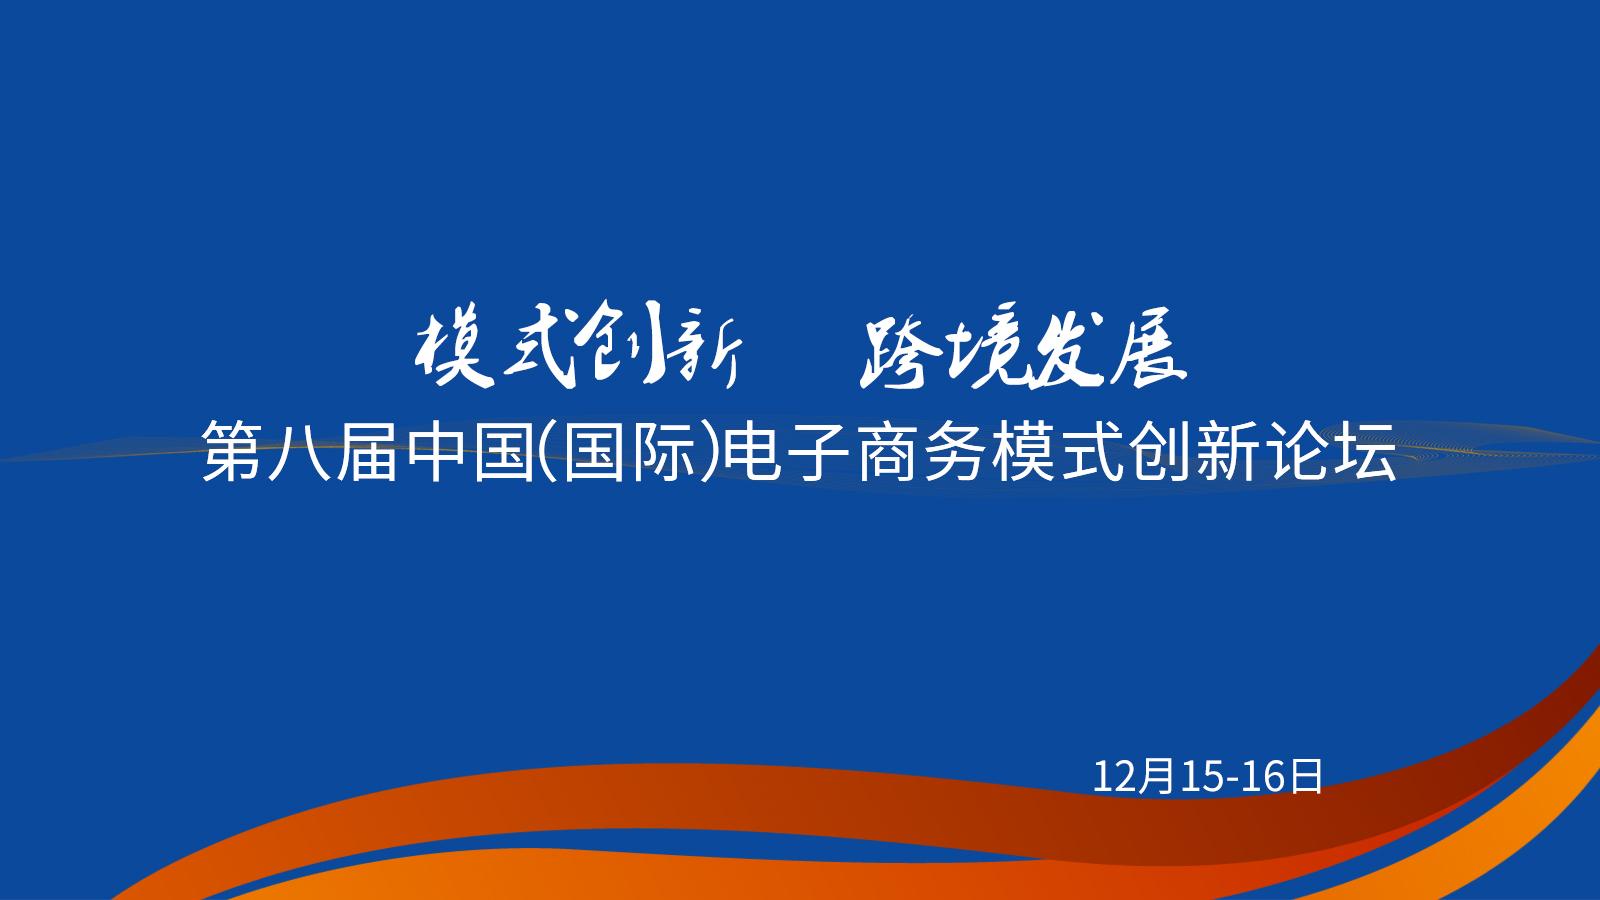 第八届中国(国际)电子商务模式创新论坛